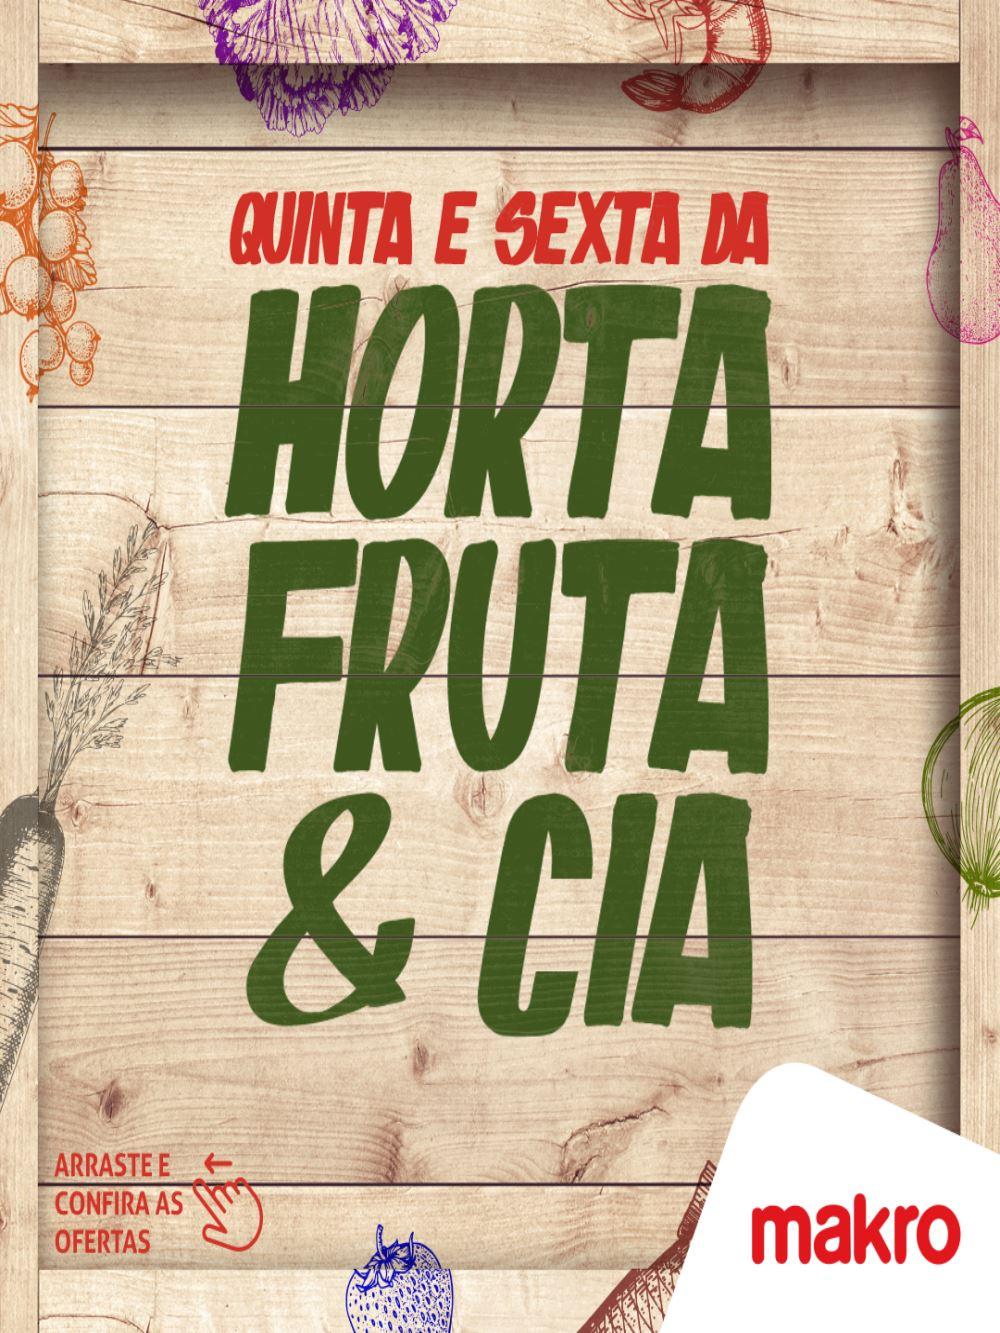 makro-ofertas-descontos-hoje1-12 Ofertas de supermercados